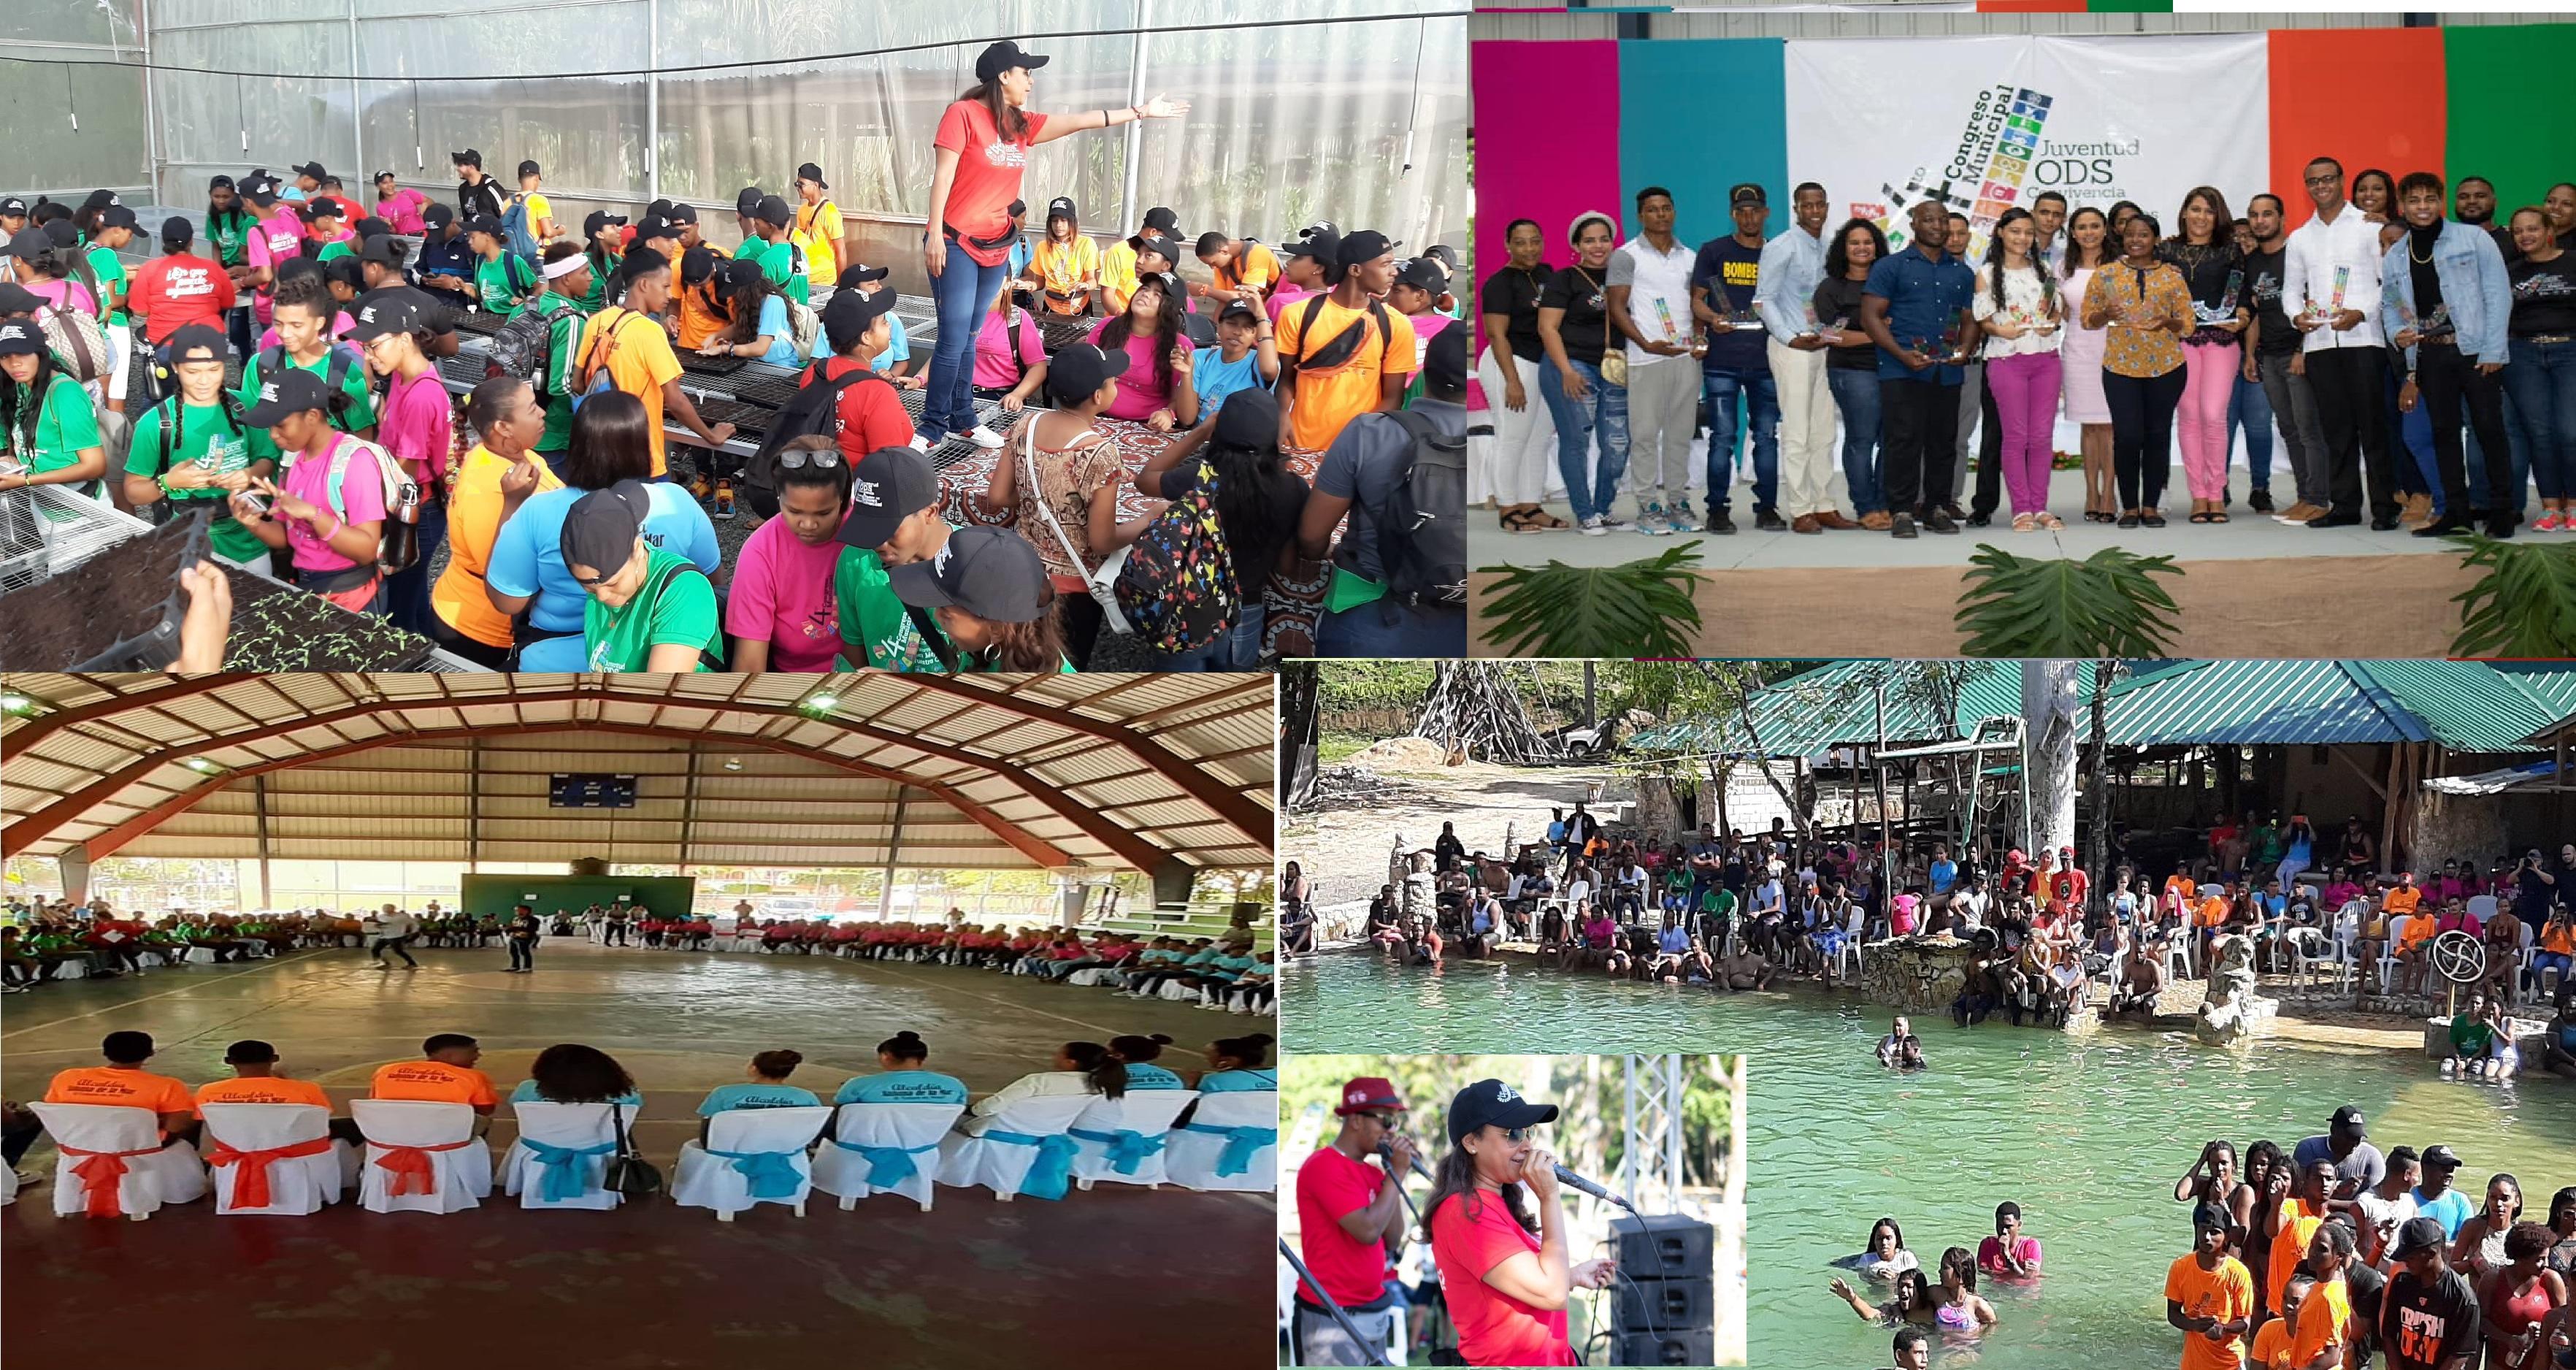 4to Congreso Municipal Juventud, ODS, Convivencia y Valores Positivos para Mejorar Nuestra Comunidad